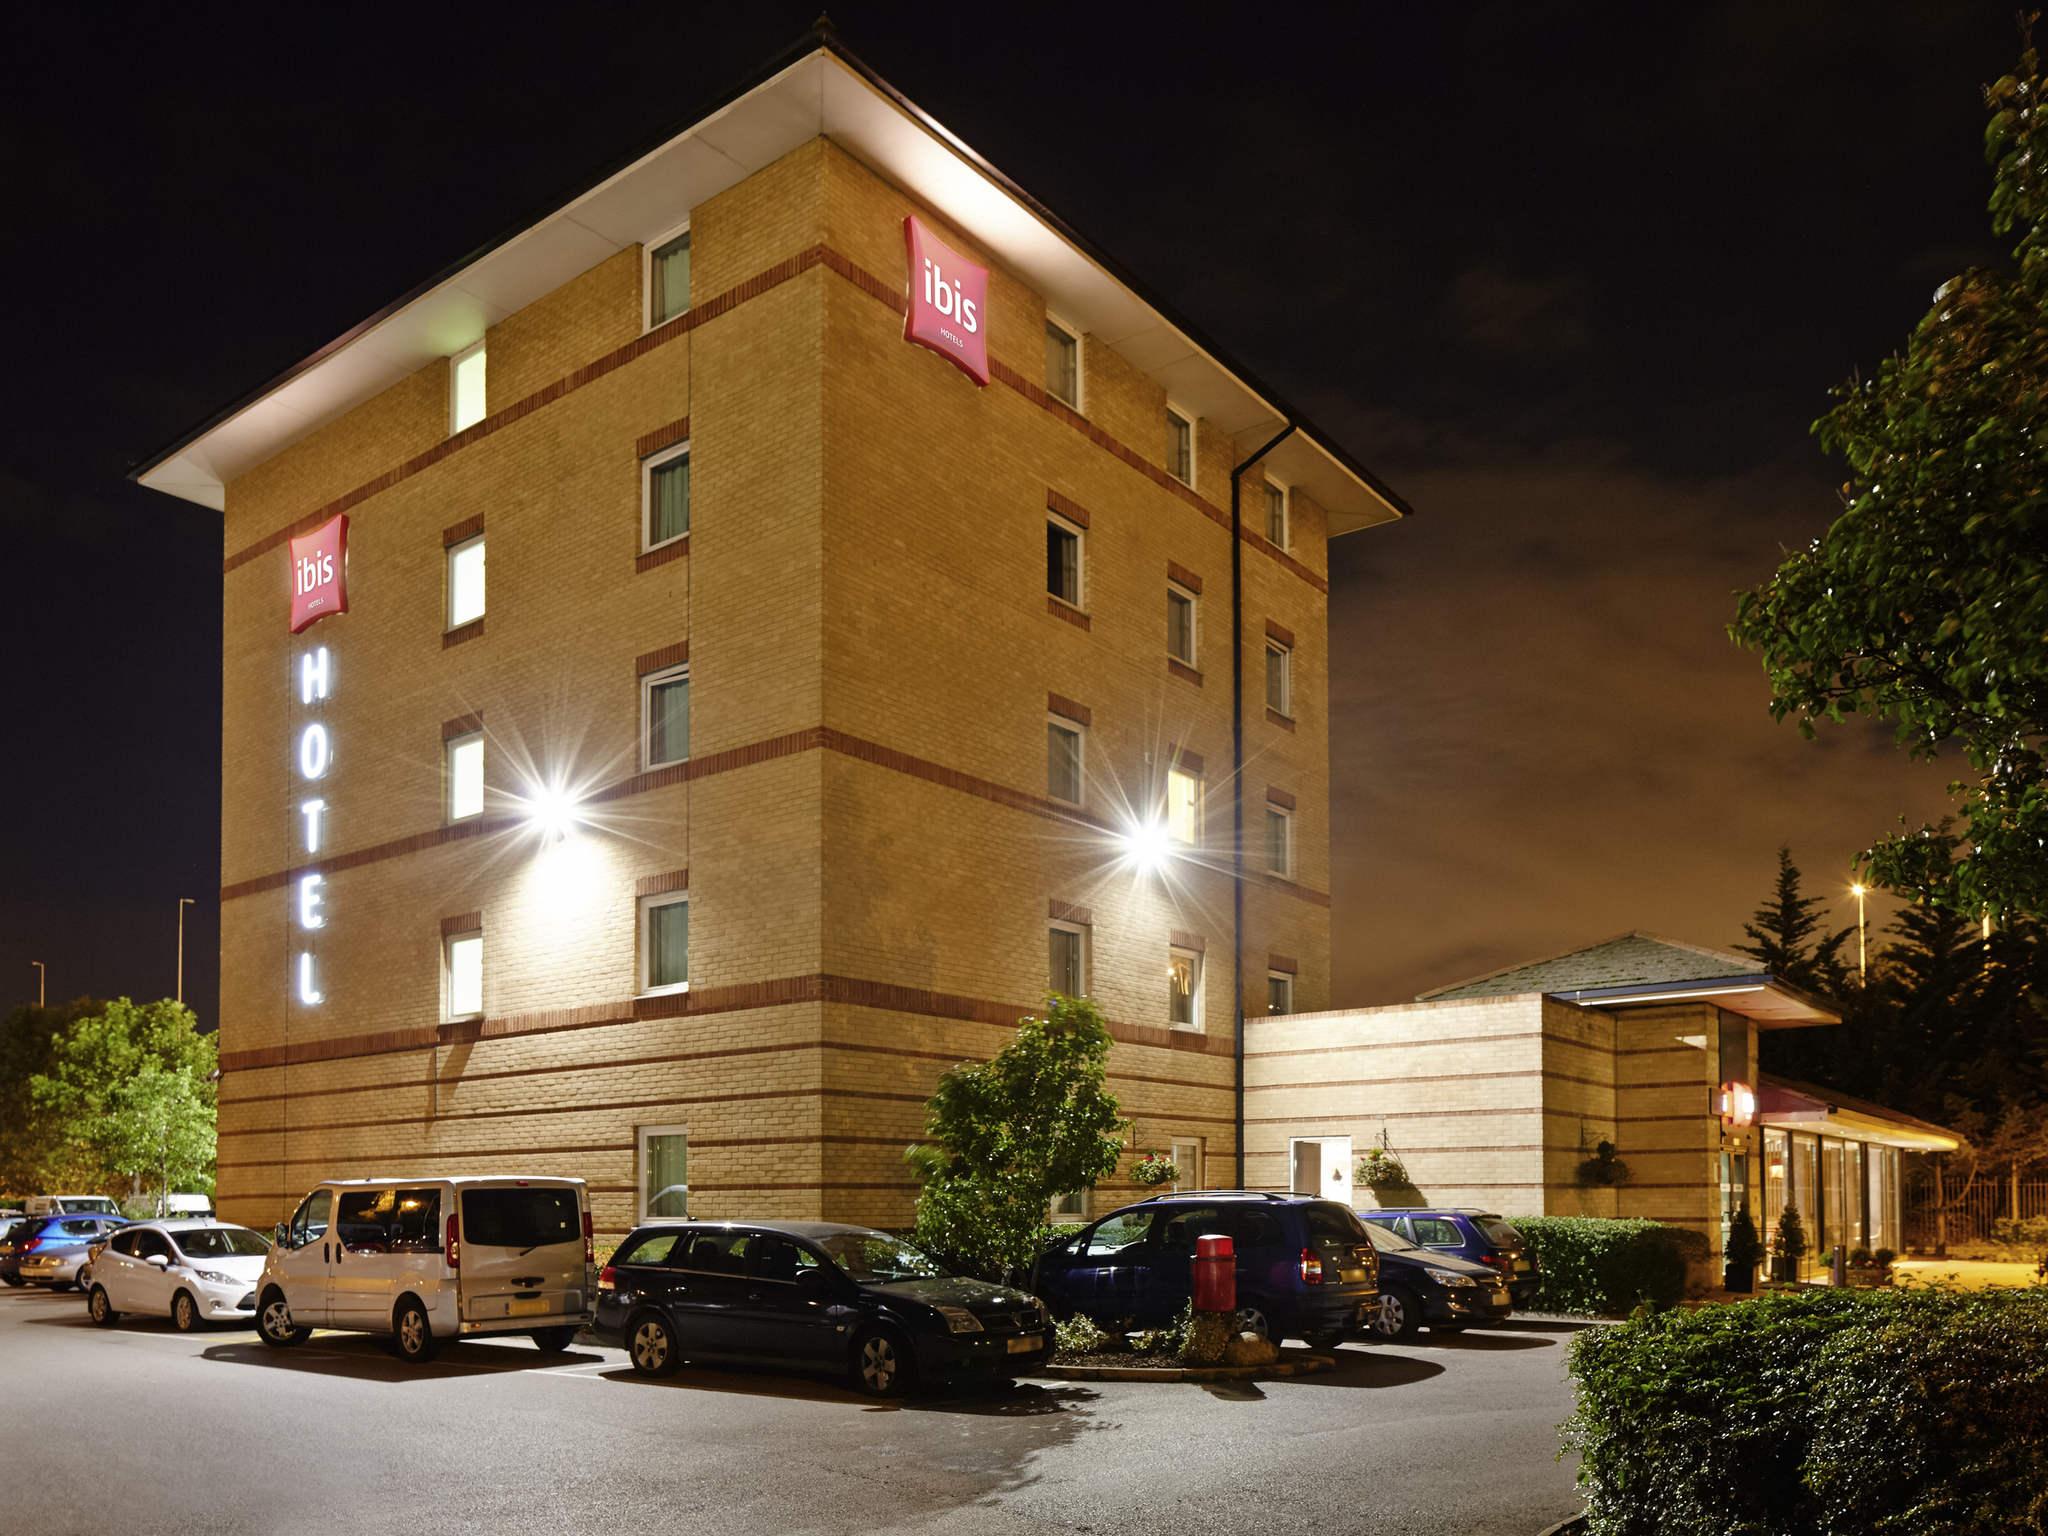 酒店 – 宜必思伦敦瑟罗克 M25 酒店